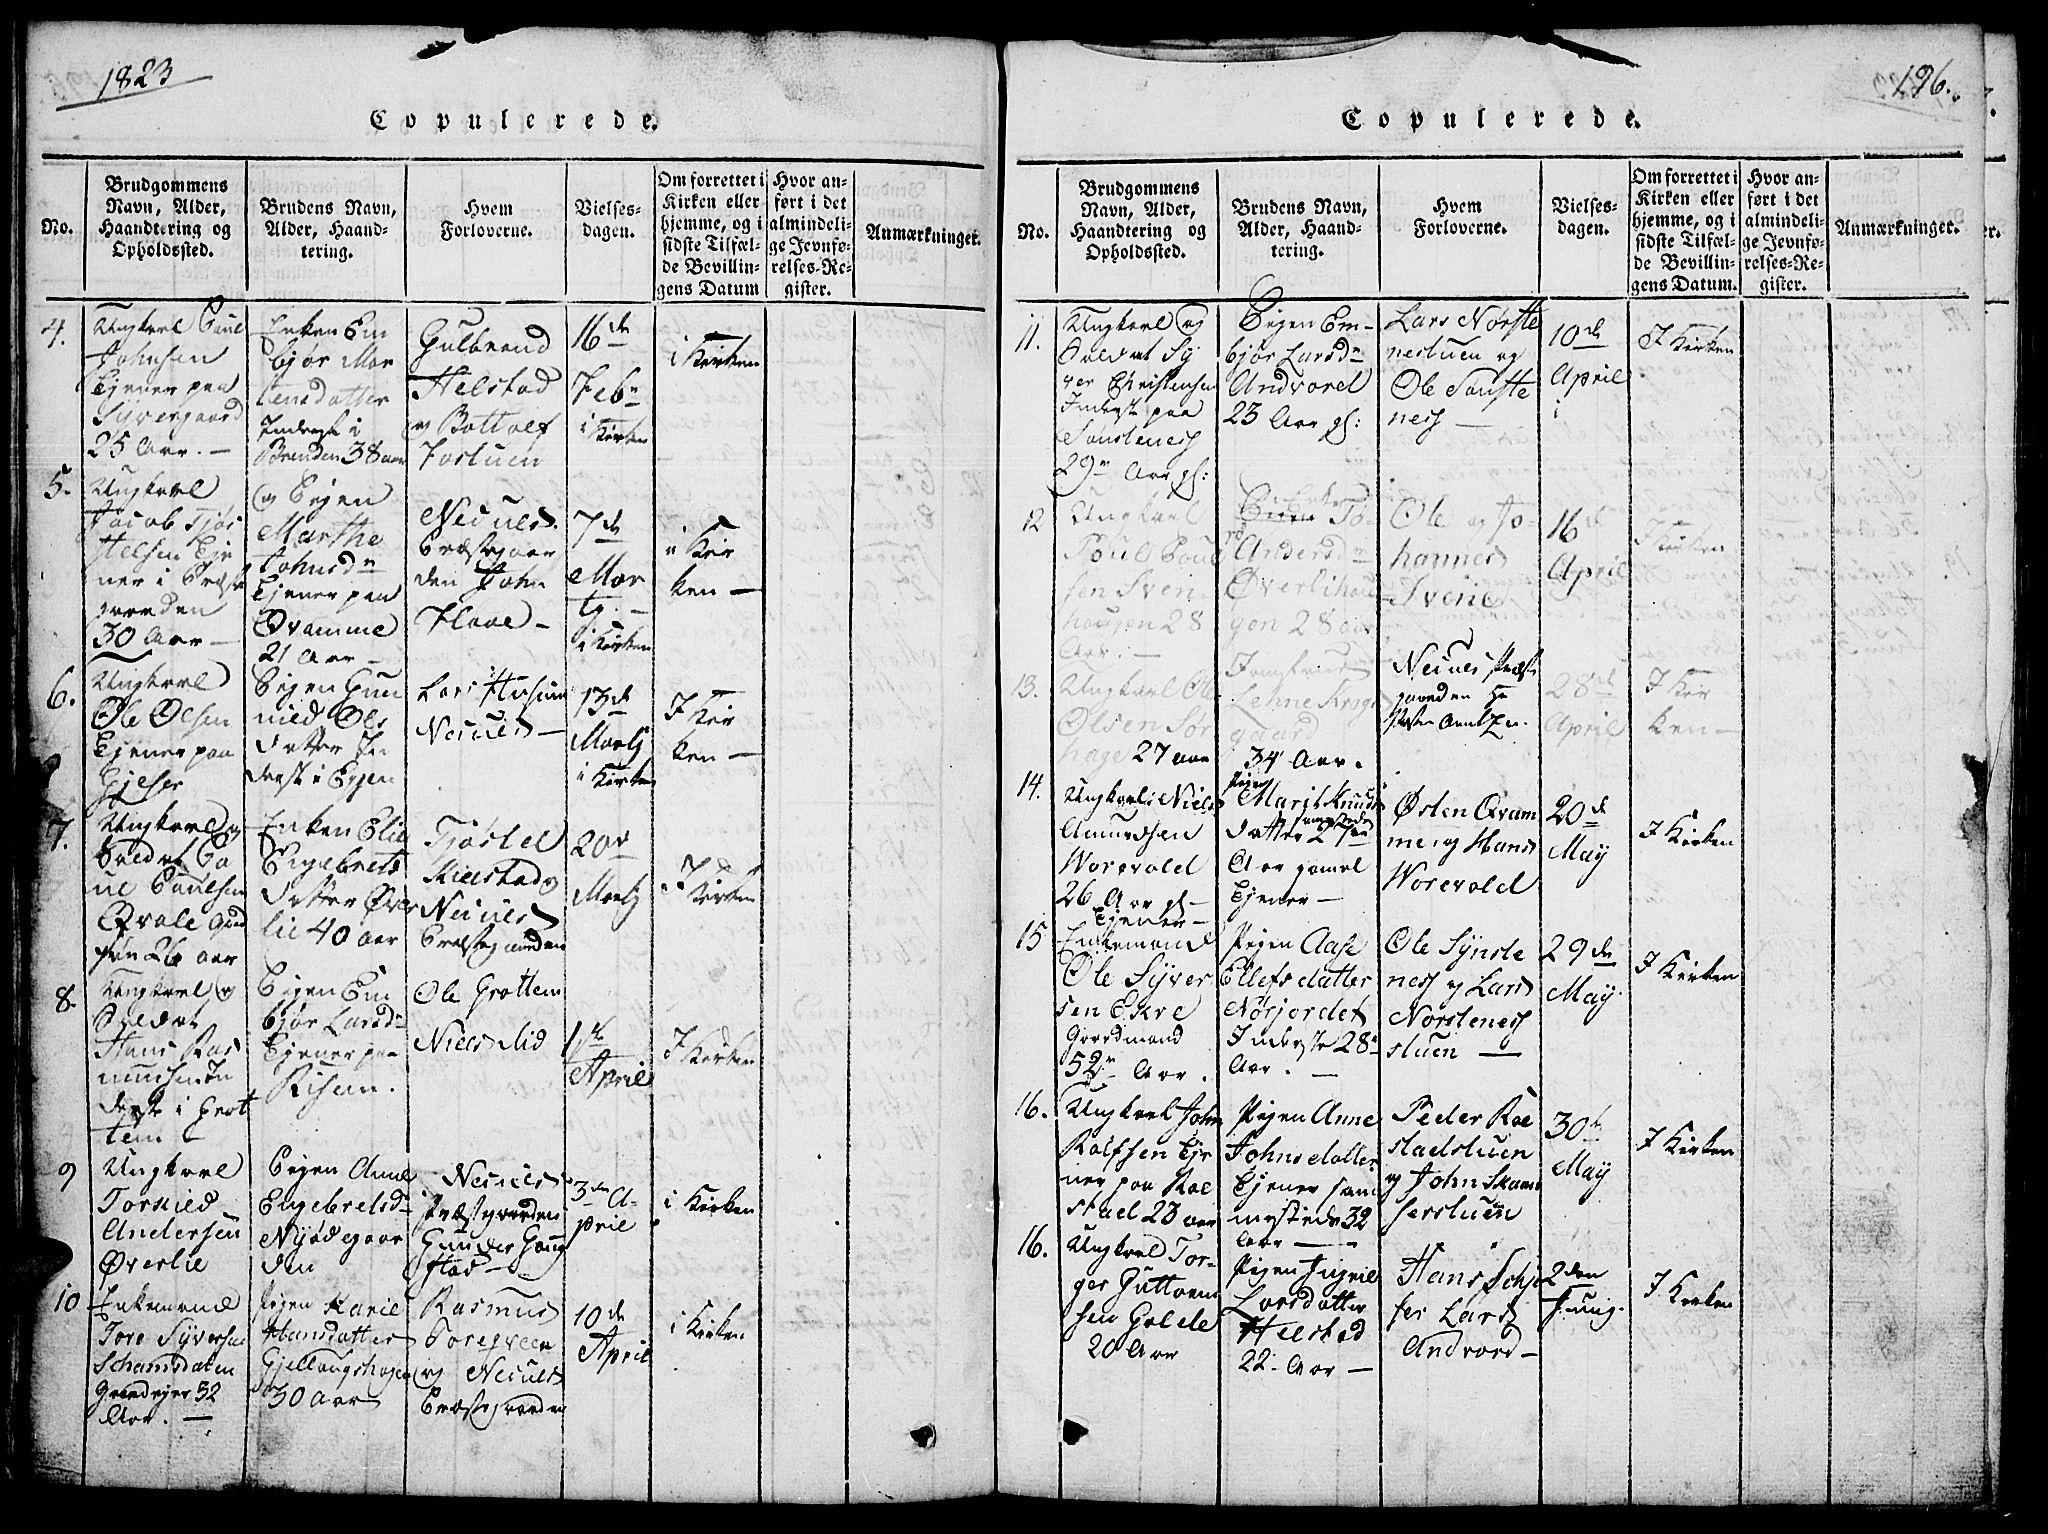 SAH, Lom prestekontor, L/L0001: Klokkerbok nr. 1, 1815-1836, s. 196